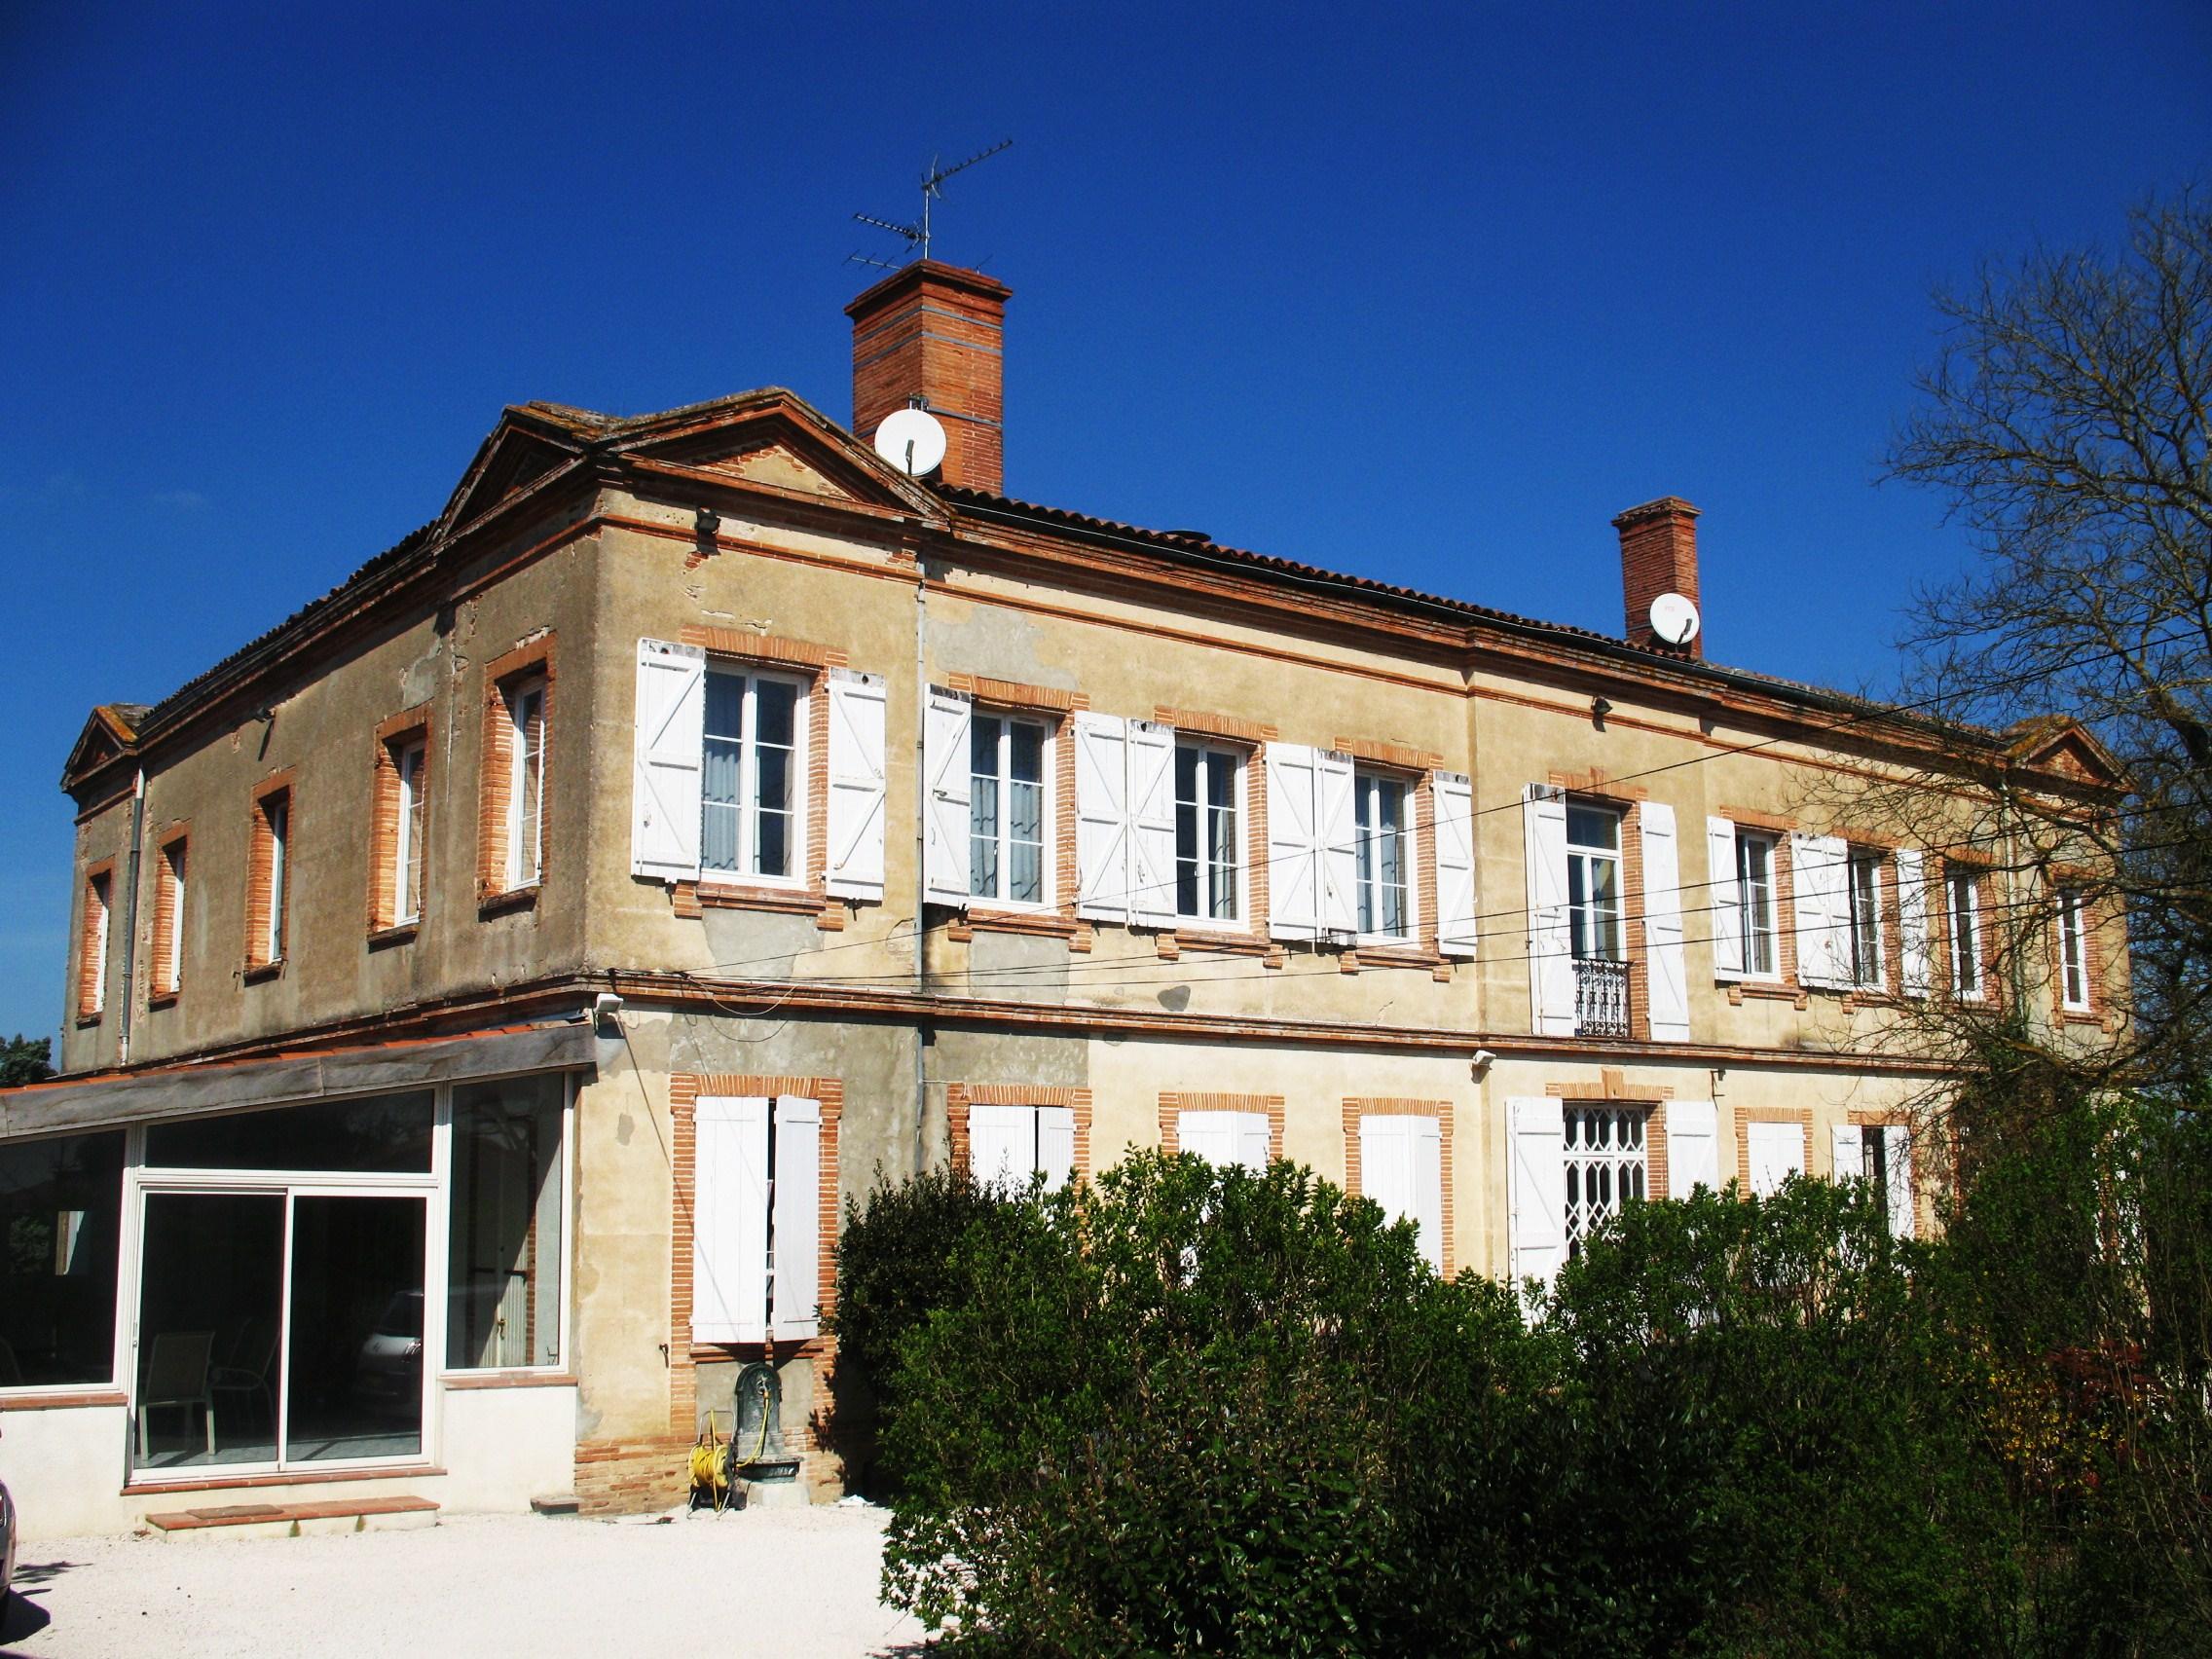 Vente Hôtel bureau - 17 studios aménagés près de Toulouse (31500)